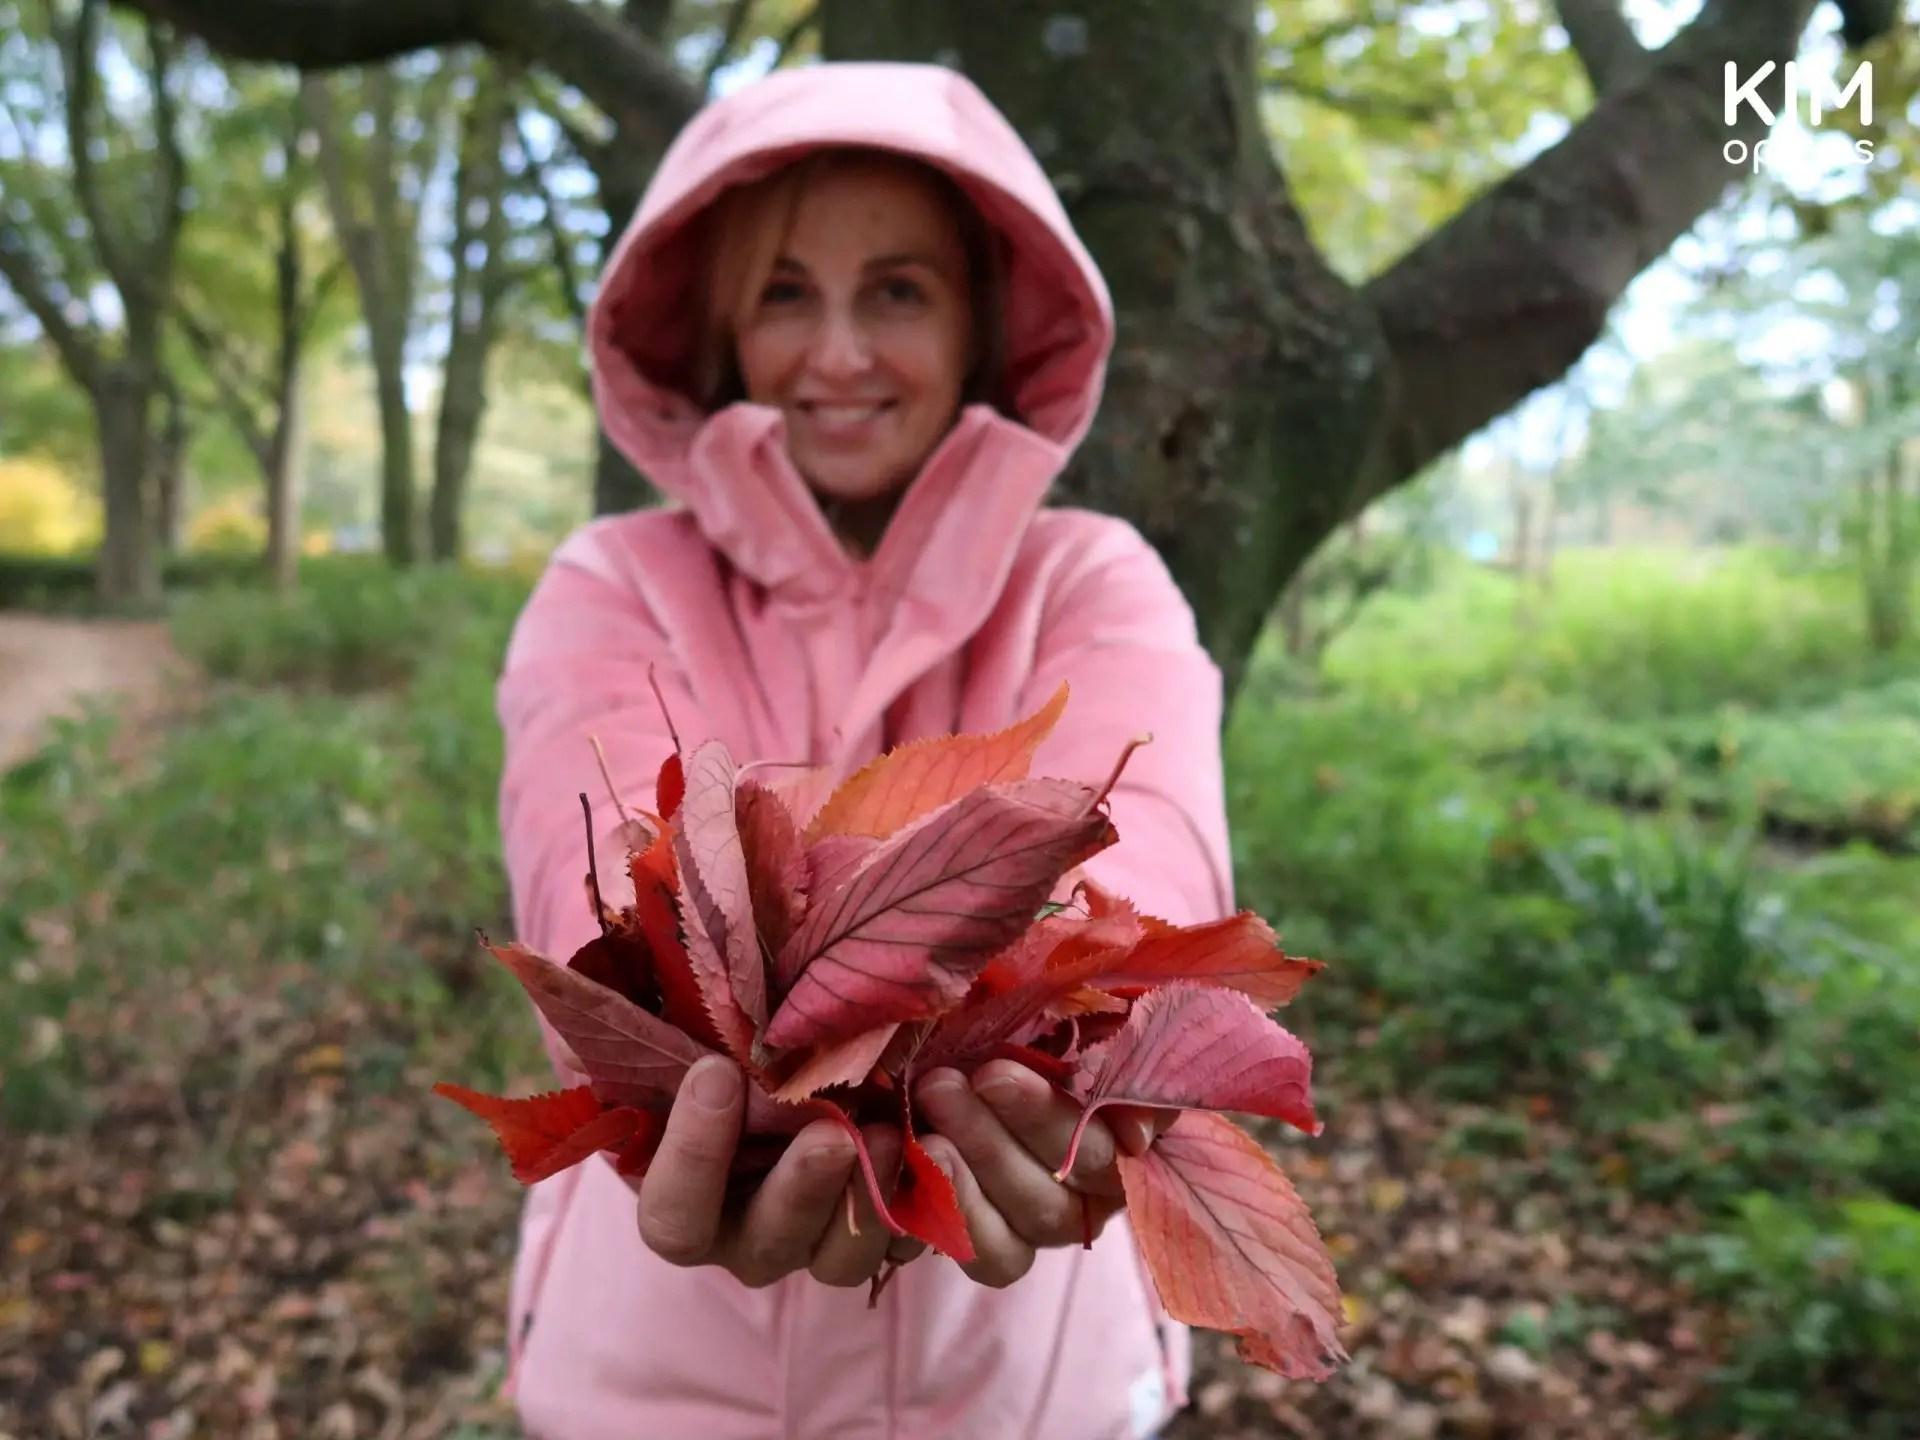 Duurzame winterjas Protest: Kim in roze jas met in haar handen rood roze herfstbladeren